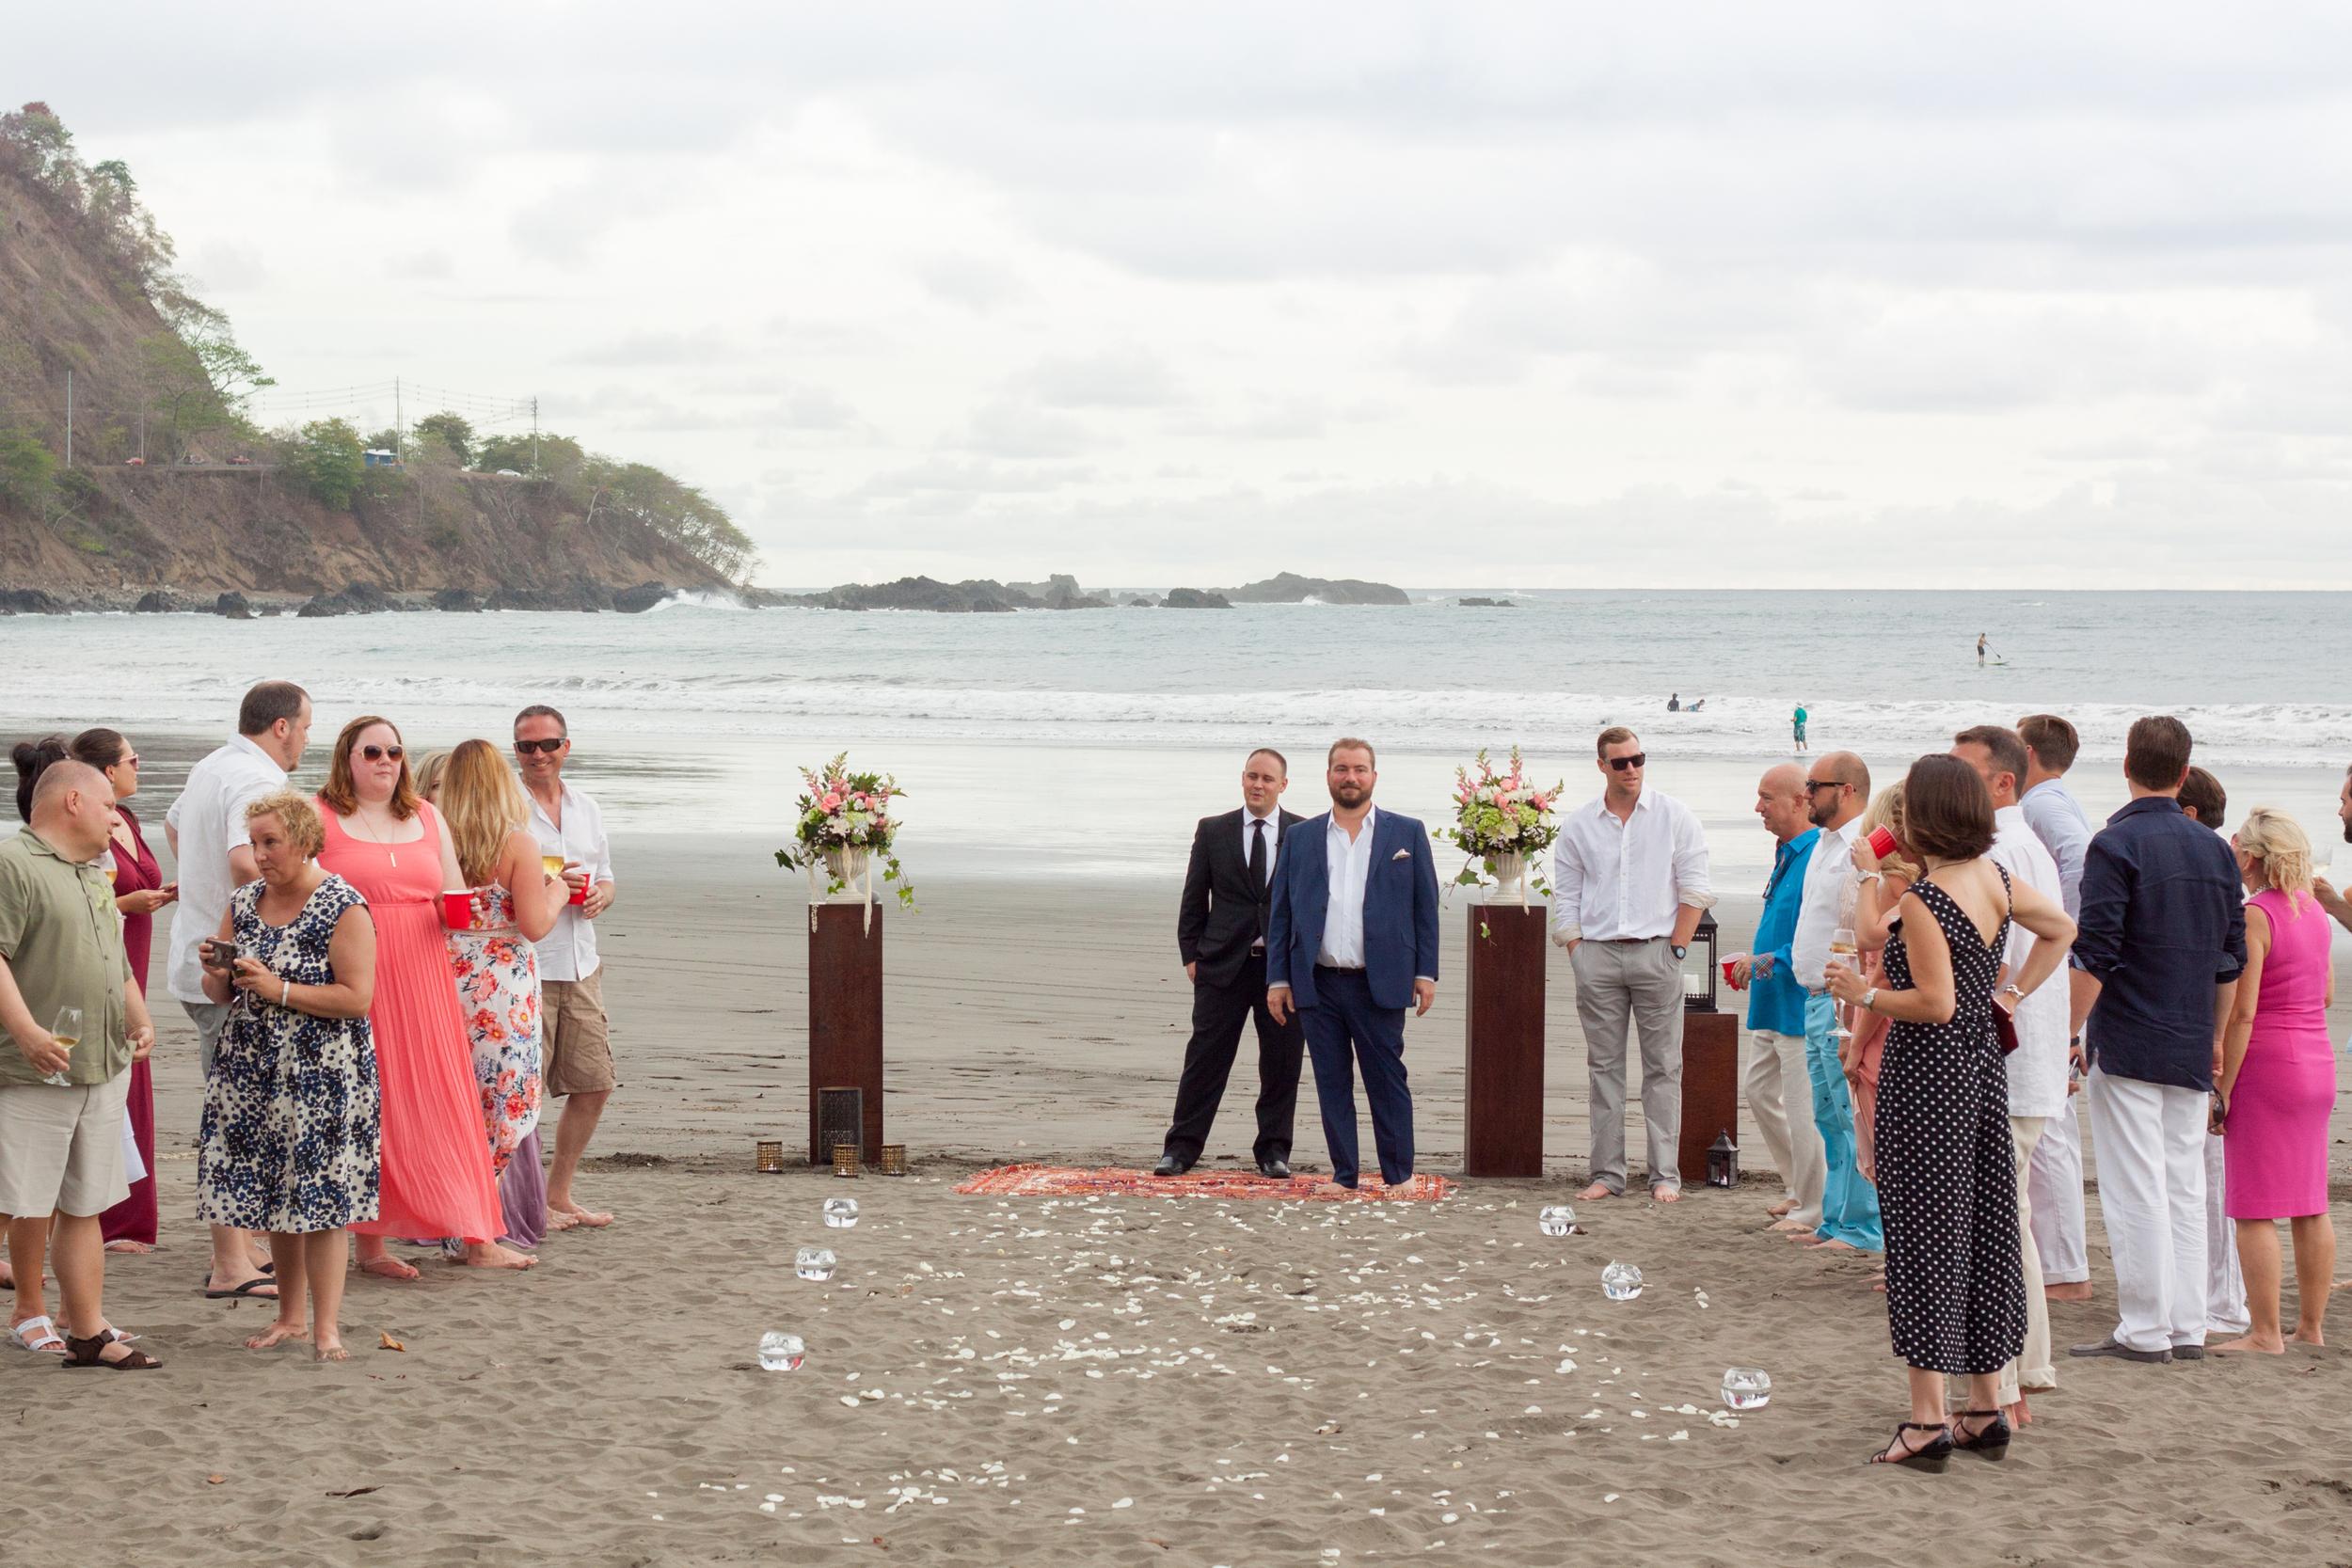 Settle.Podesta.Wedding (36 of 137).jpg